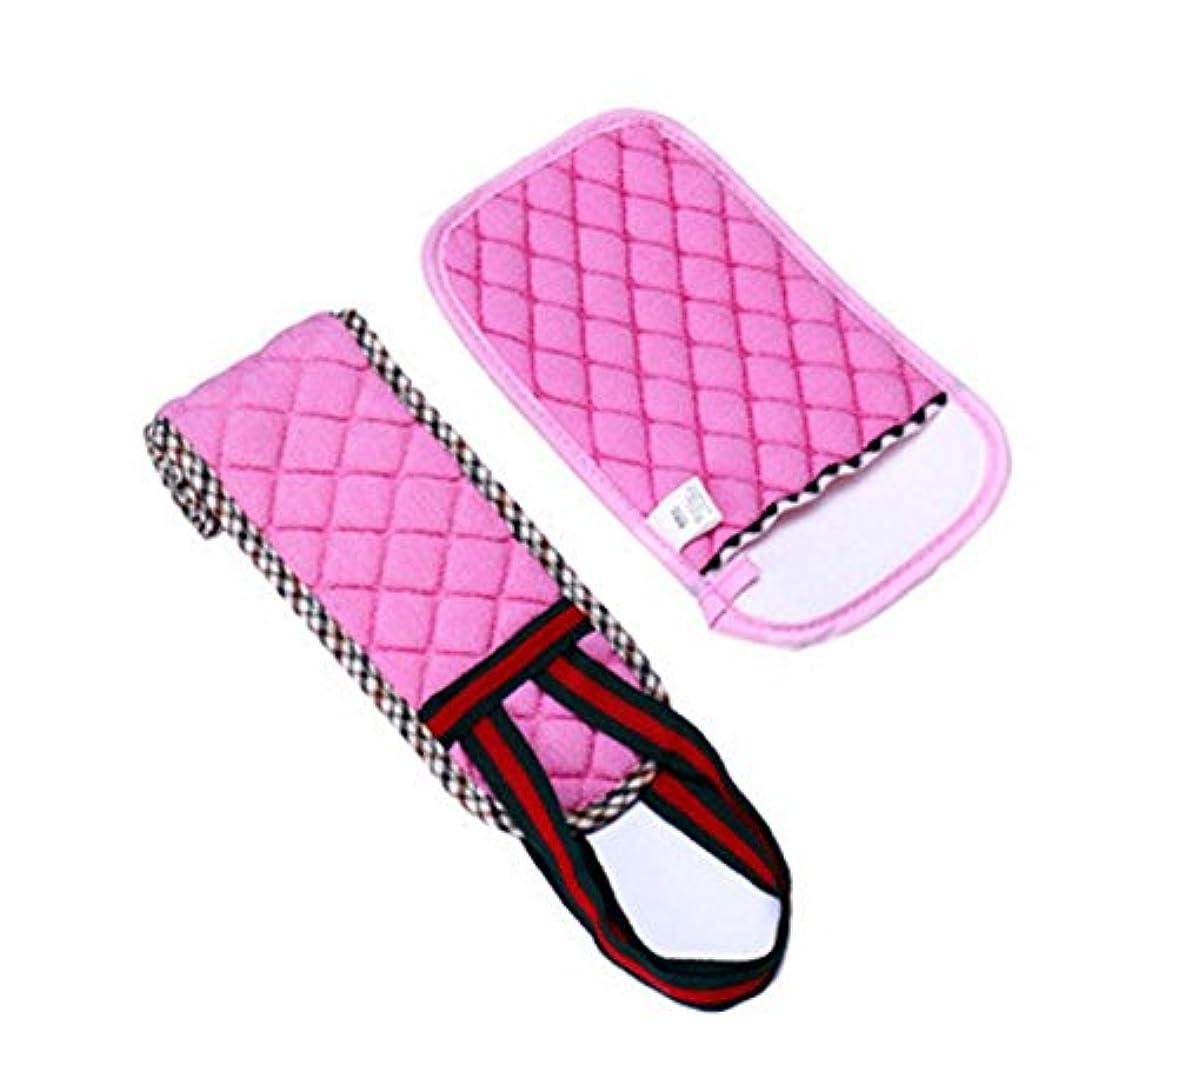 前進当社なので2プルバックロングバスタオル/ラブマッドアダルト手袋セット、ピンク